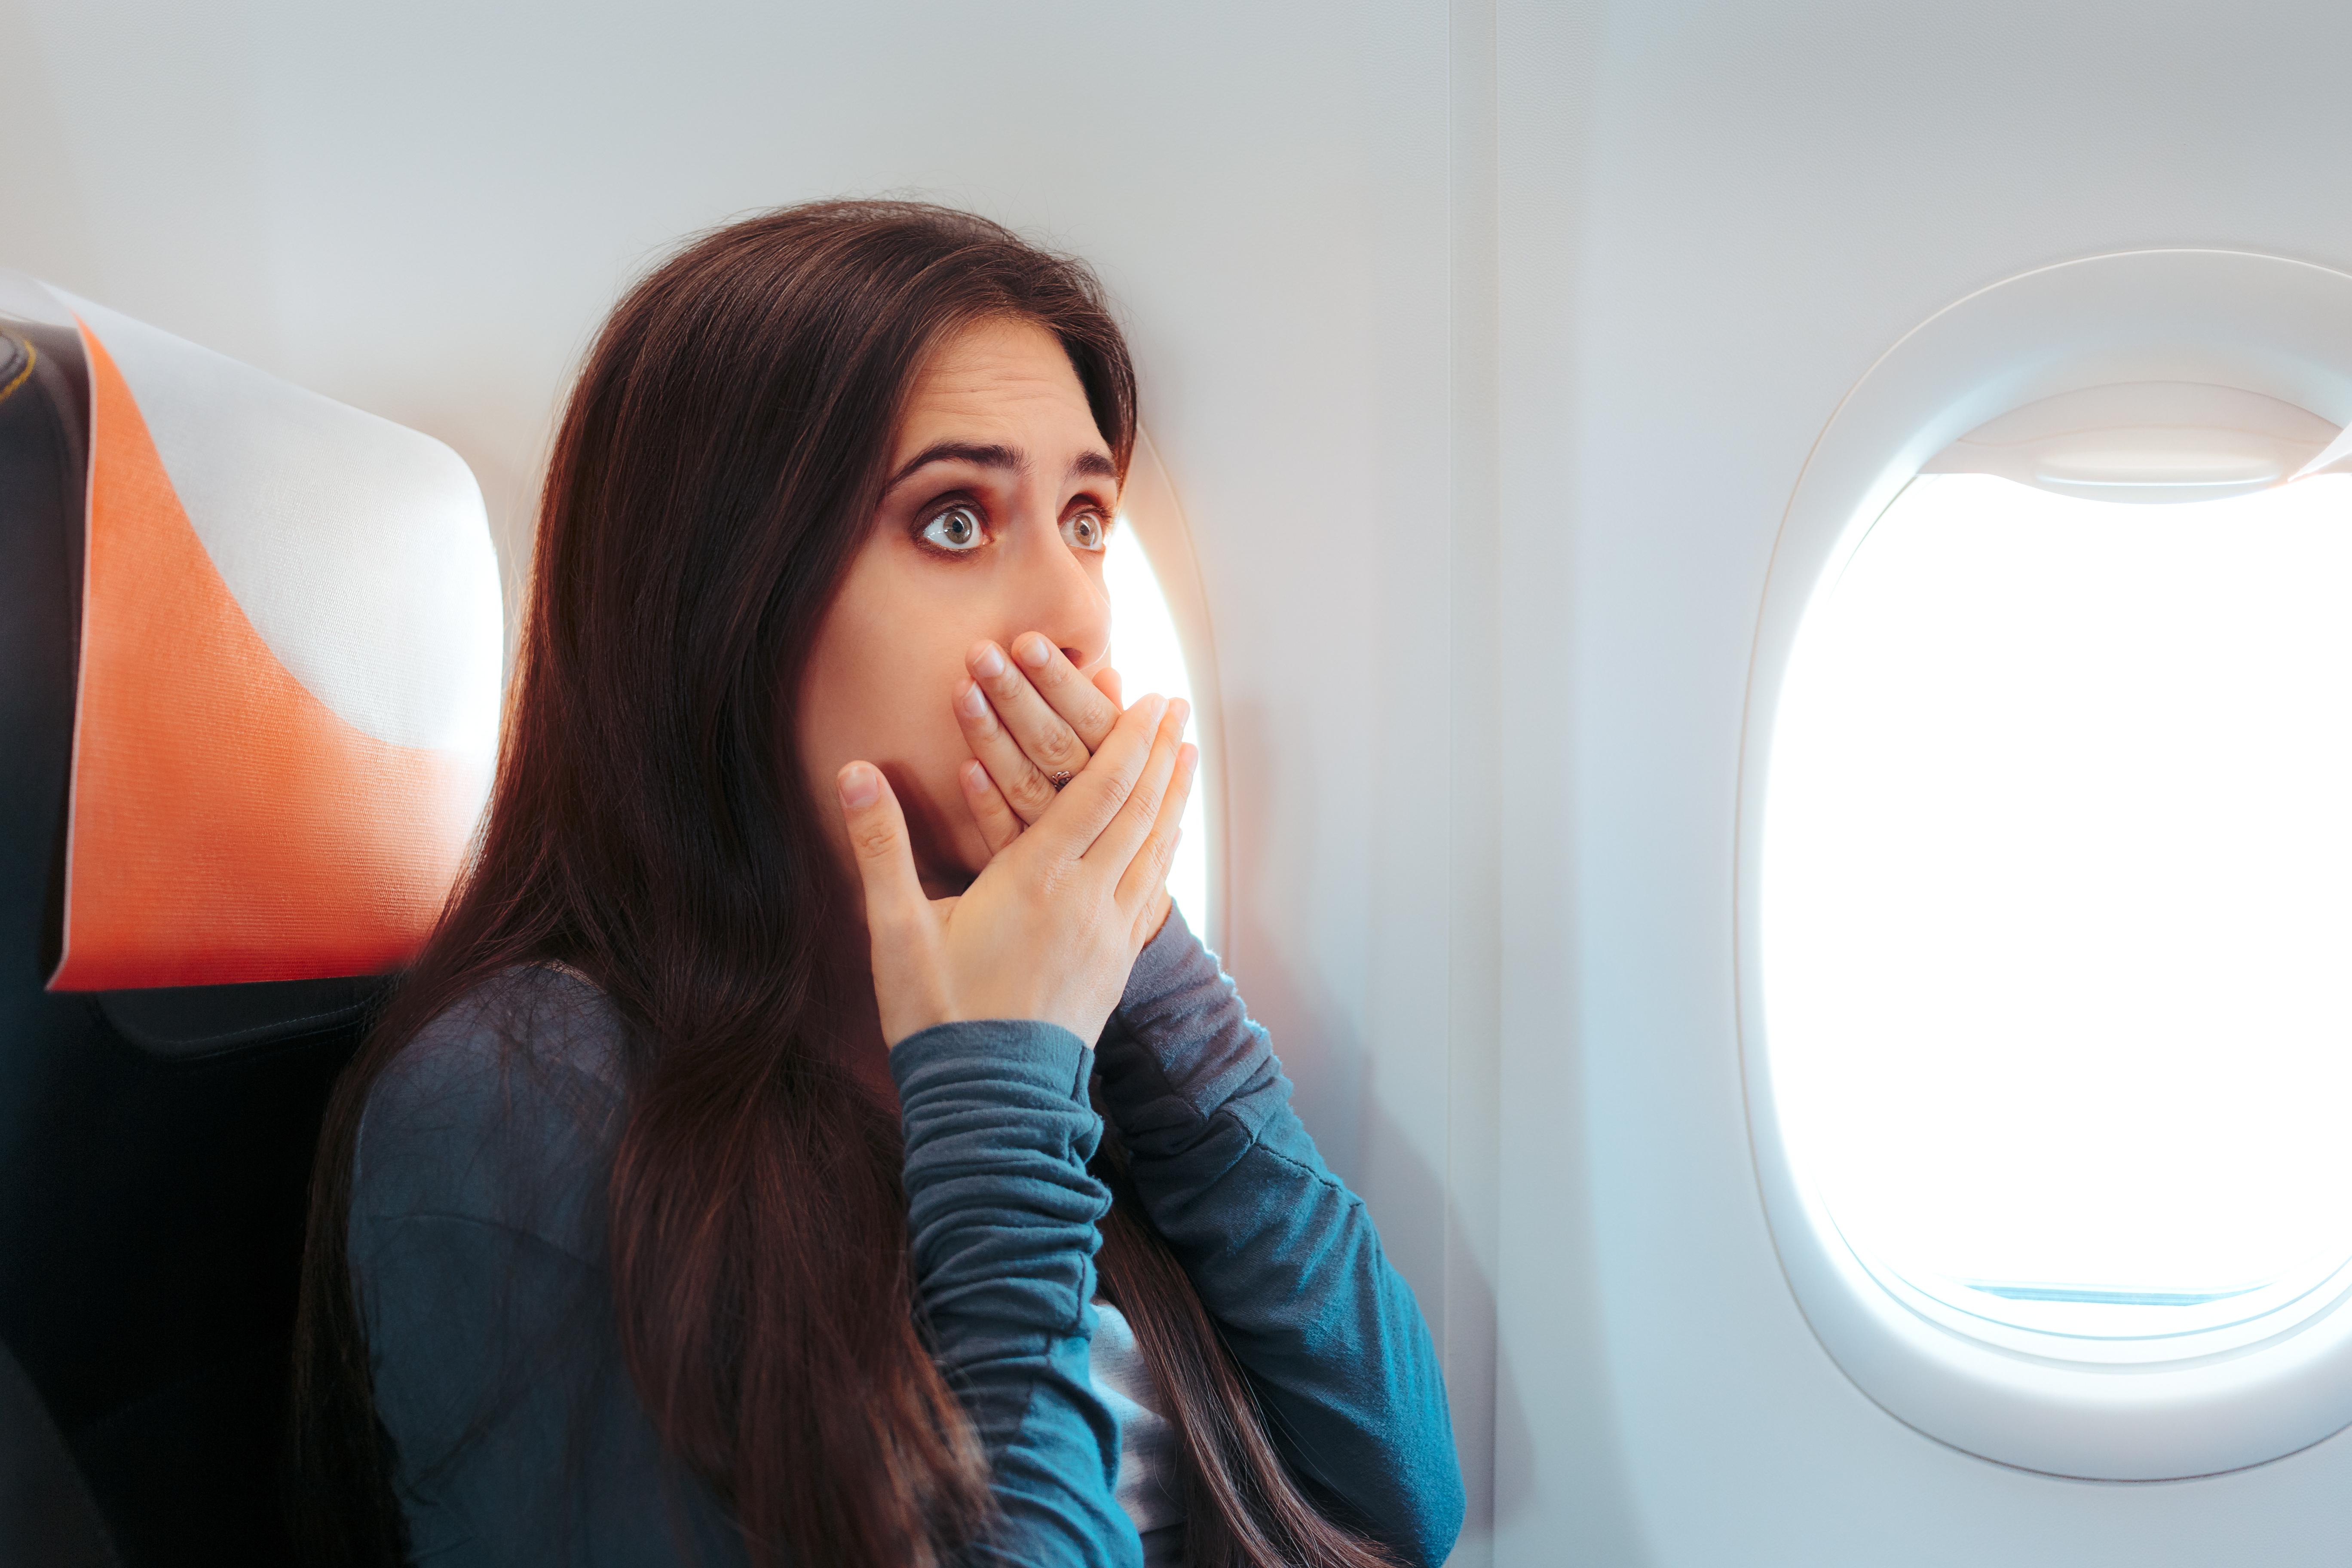 Как избавиться от страха перед полетом